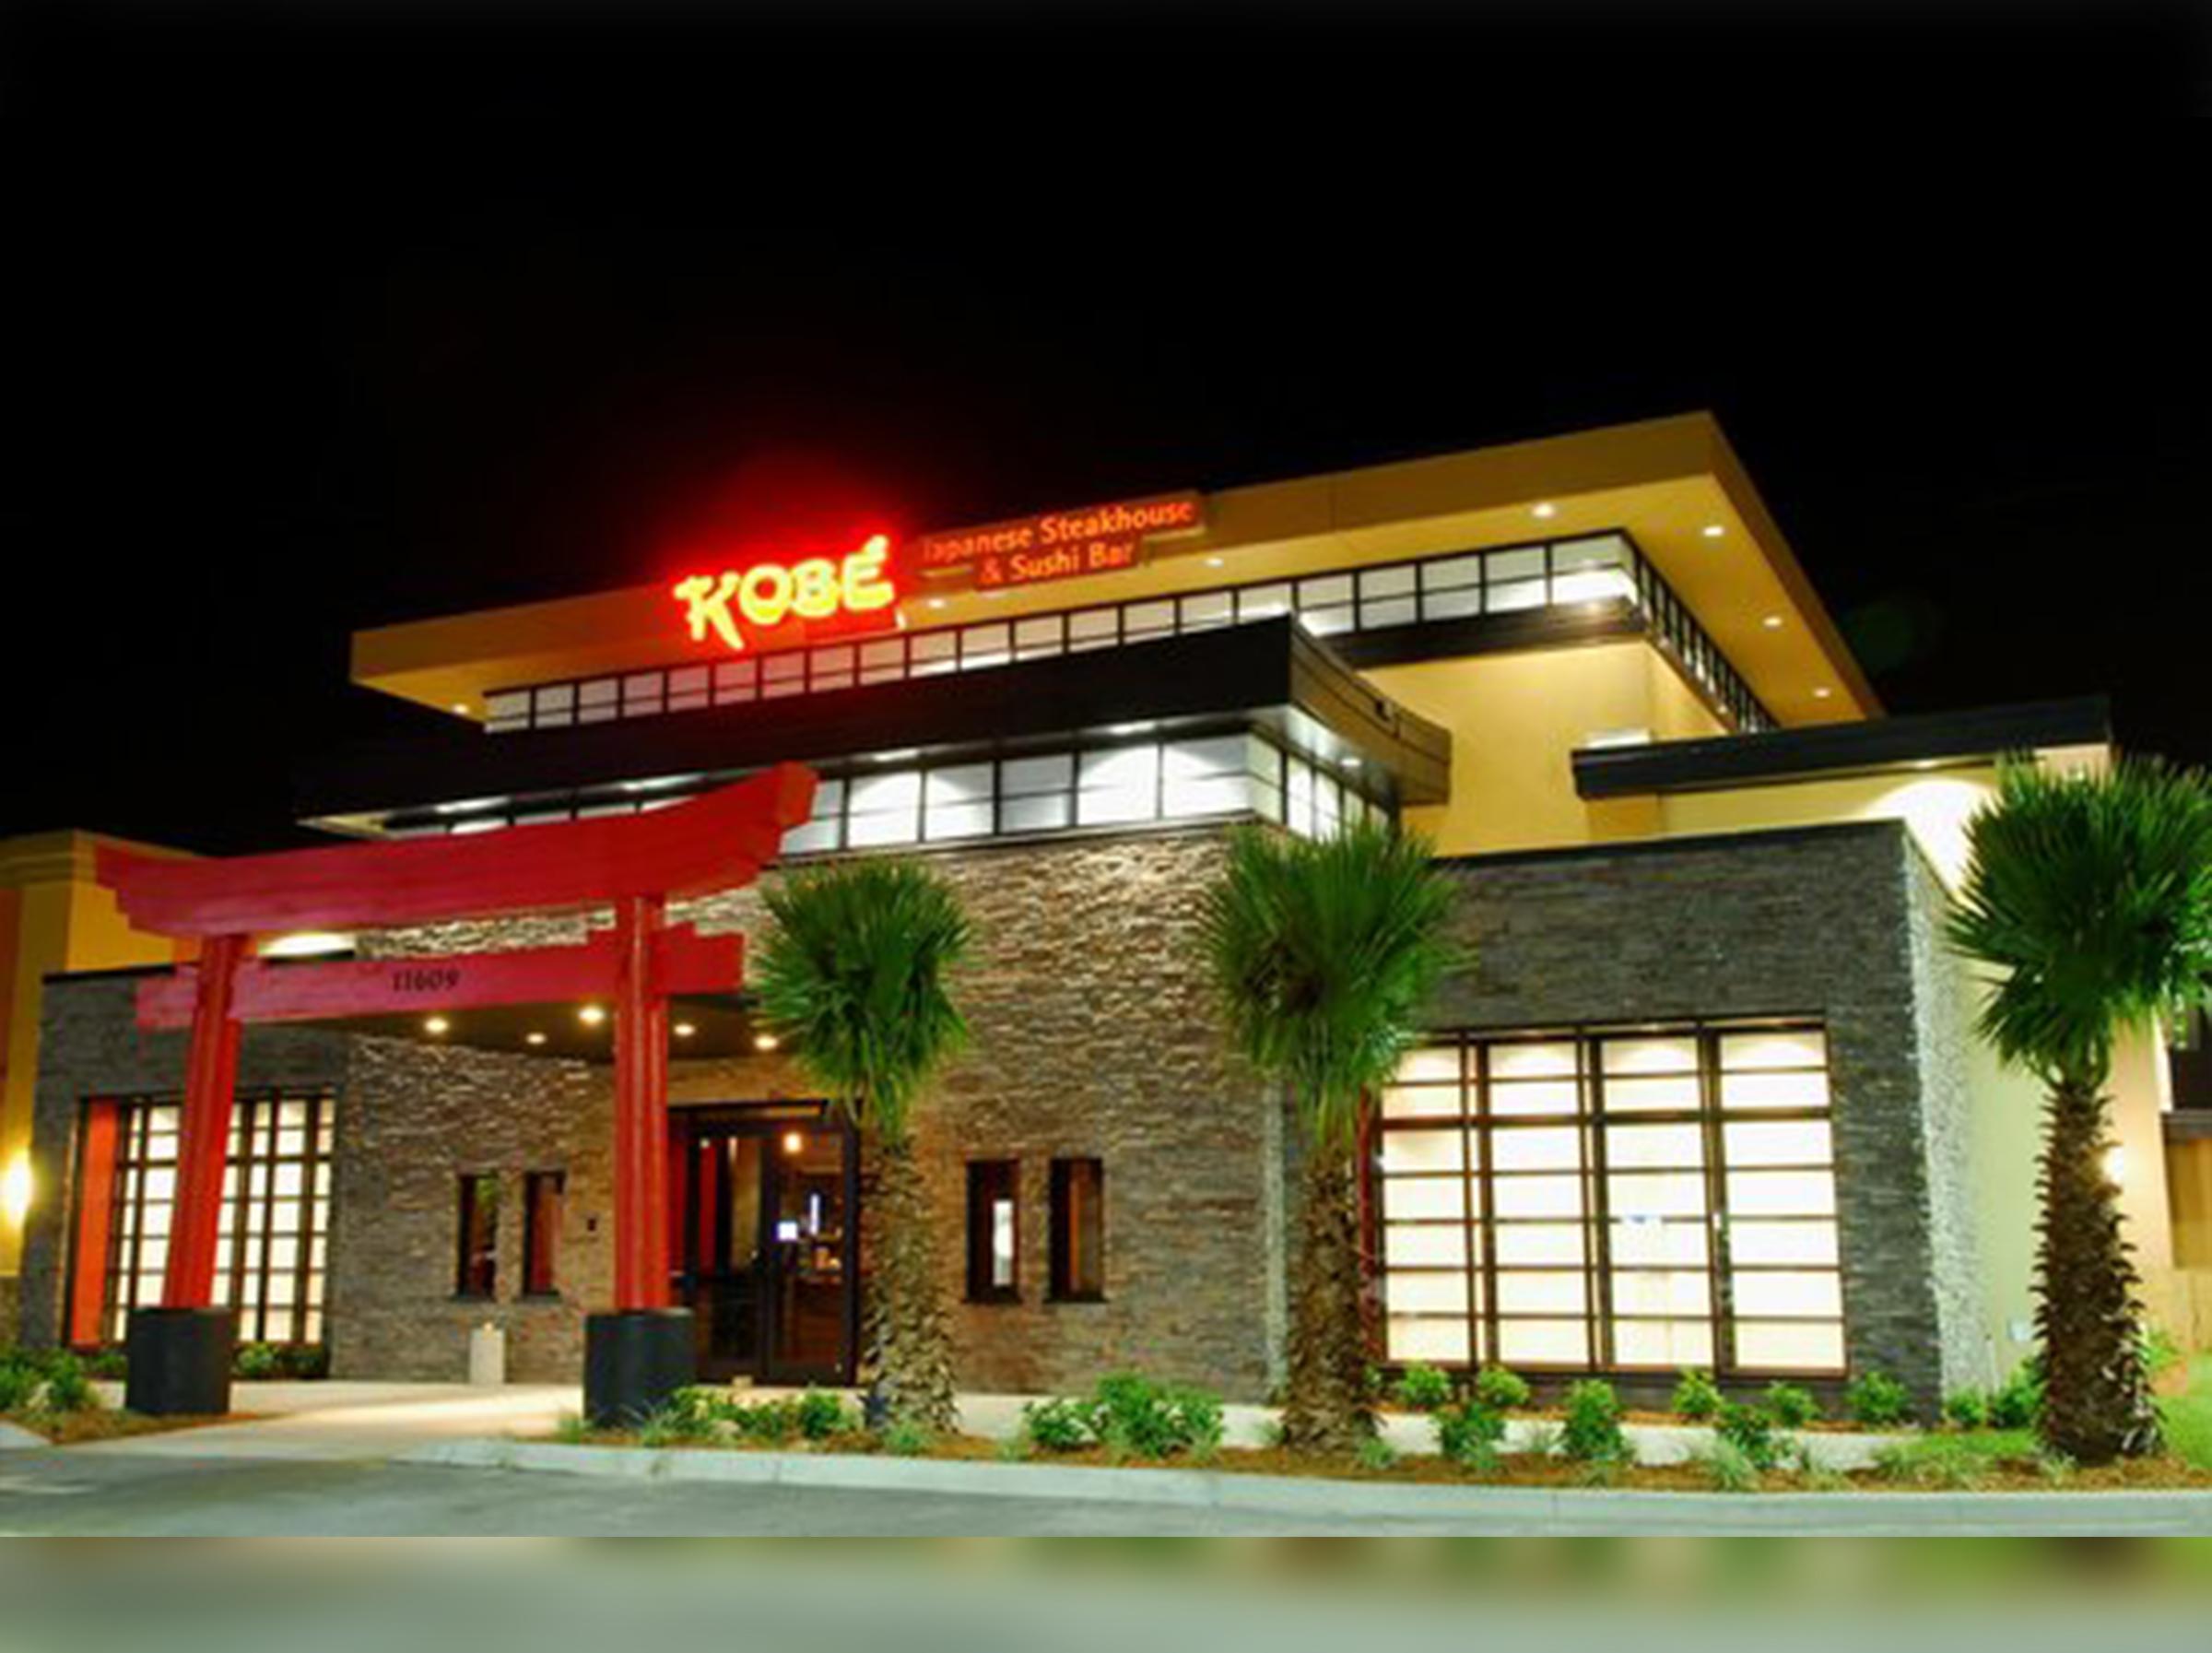 Kobe Japanese Steakhouse, Kissimmee, FL | Grassland ...